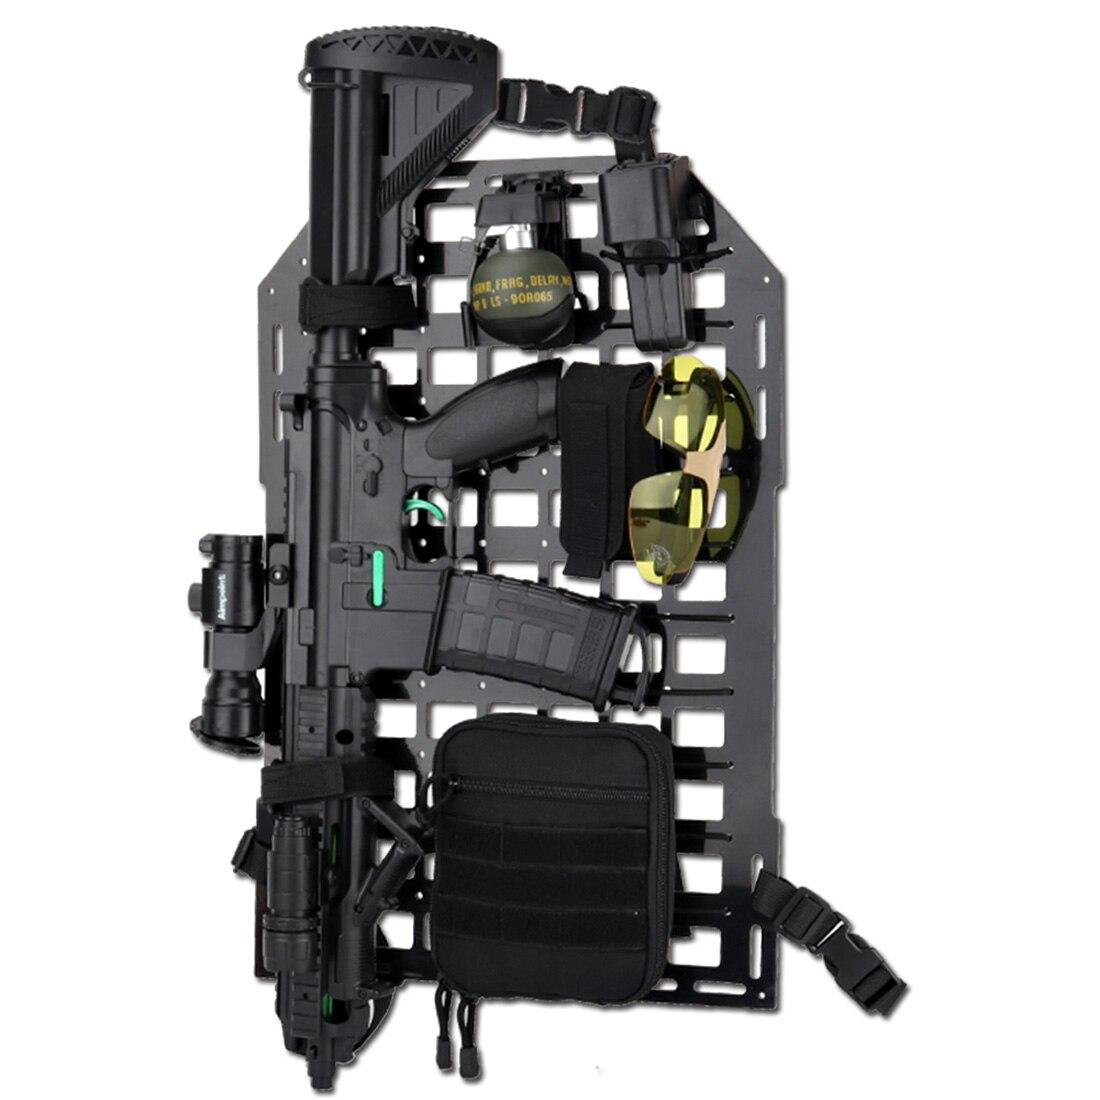 MODIKER WST panneau d'insertion tactique organisateur de dossier de siège de voiture équipement de dossier de siège tactique extérieur-noir